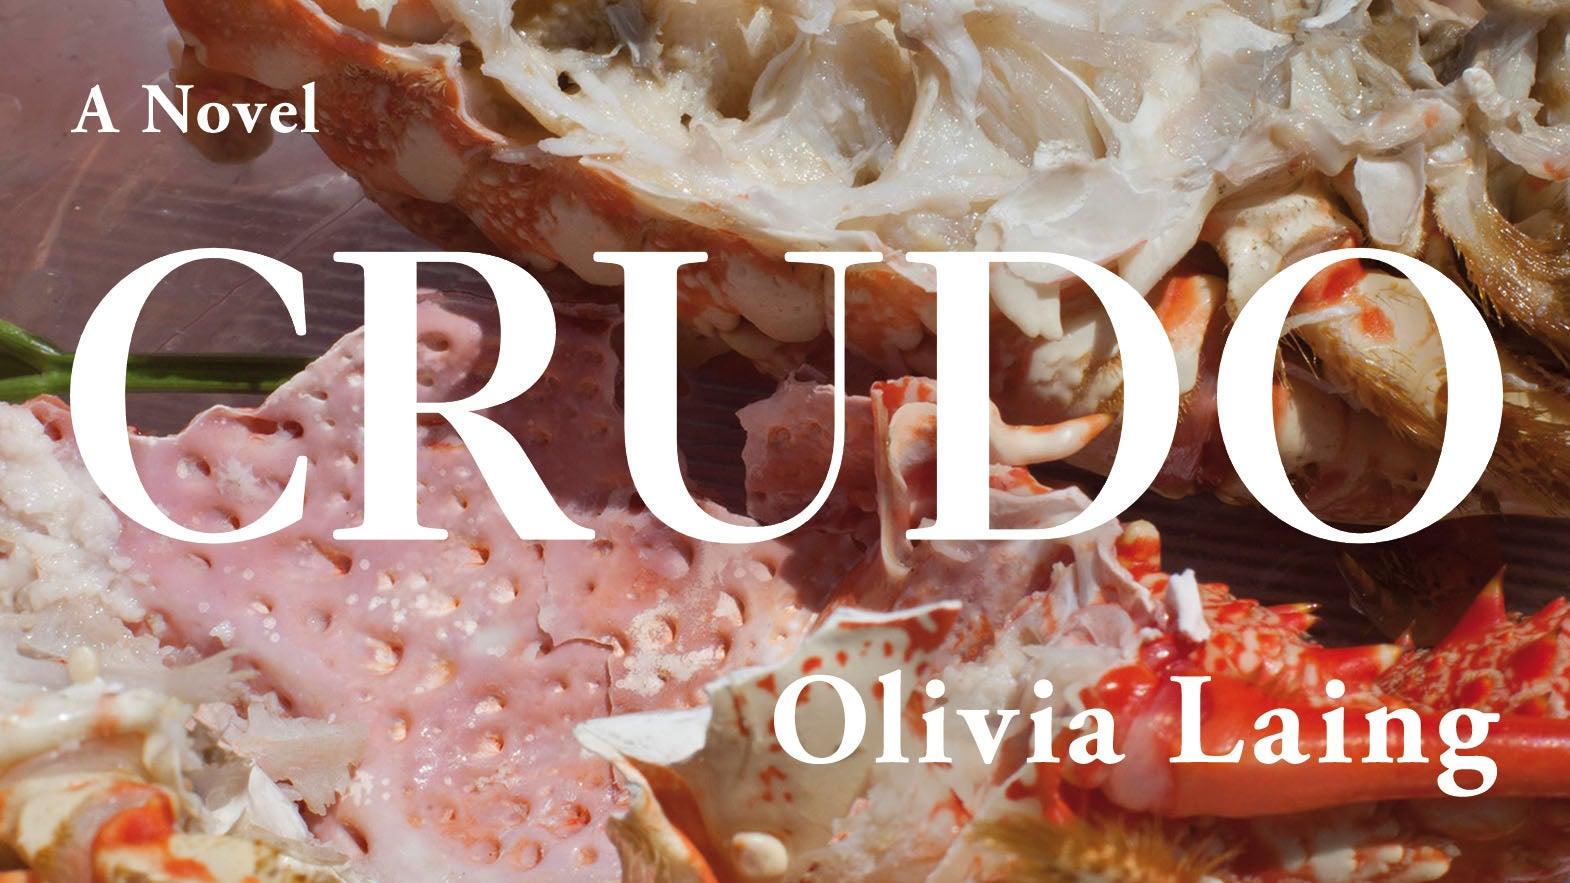 Olivia Laing Crudo cover artwork